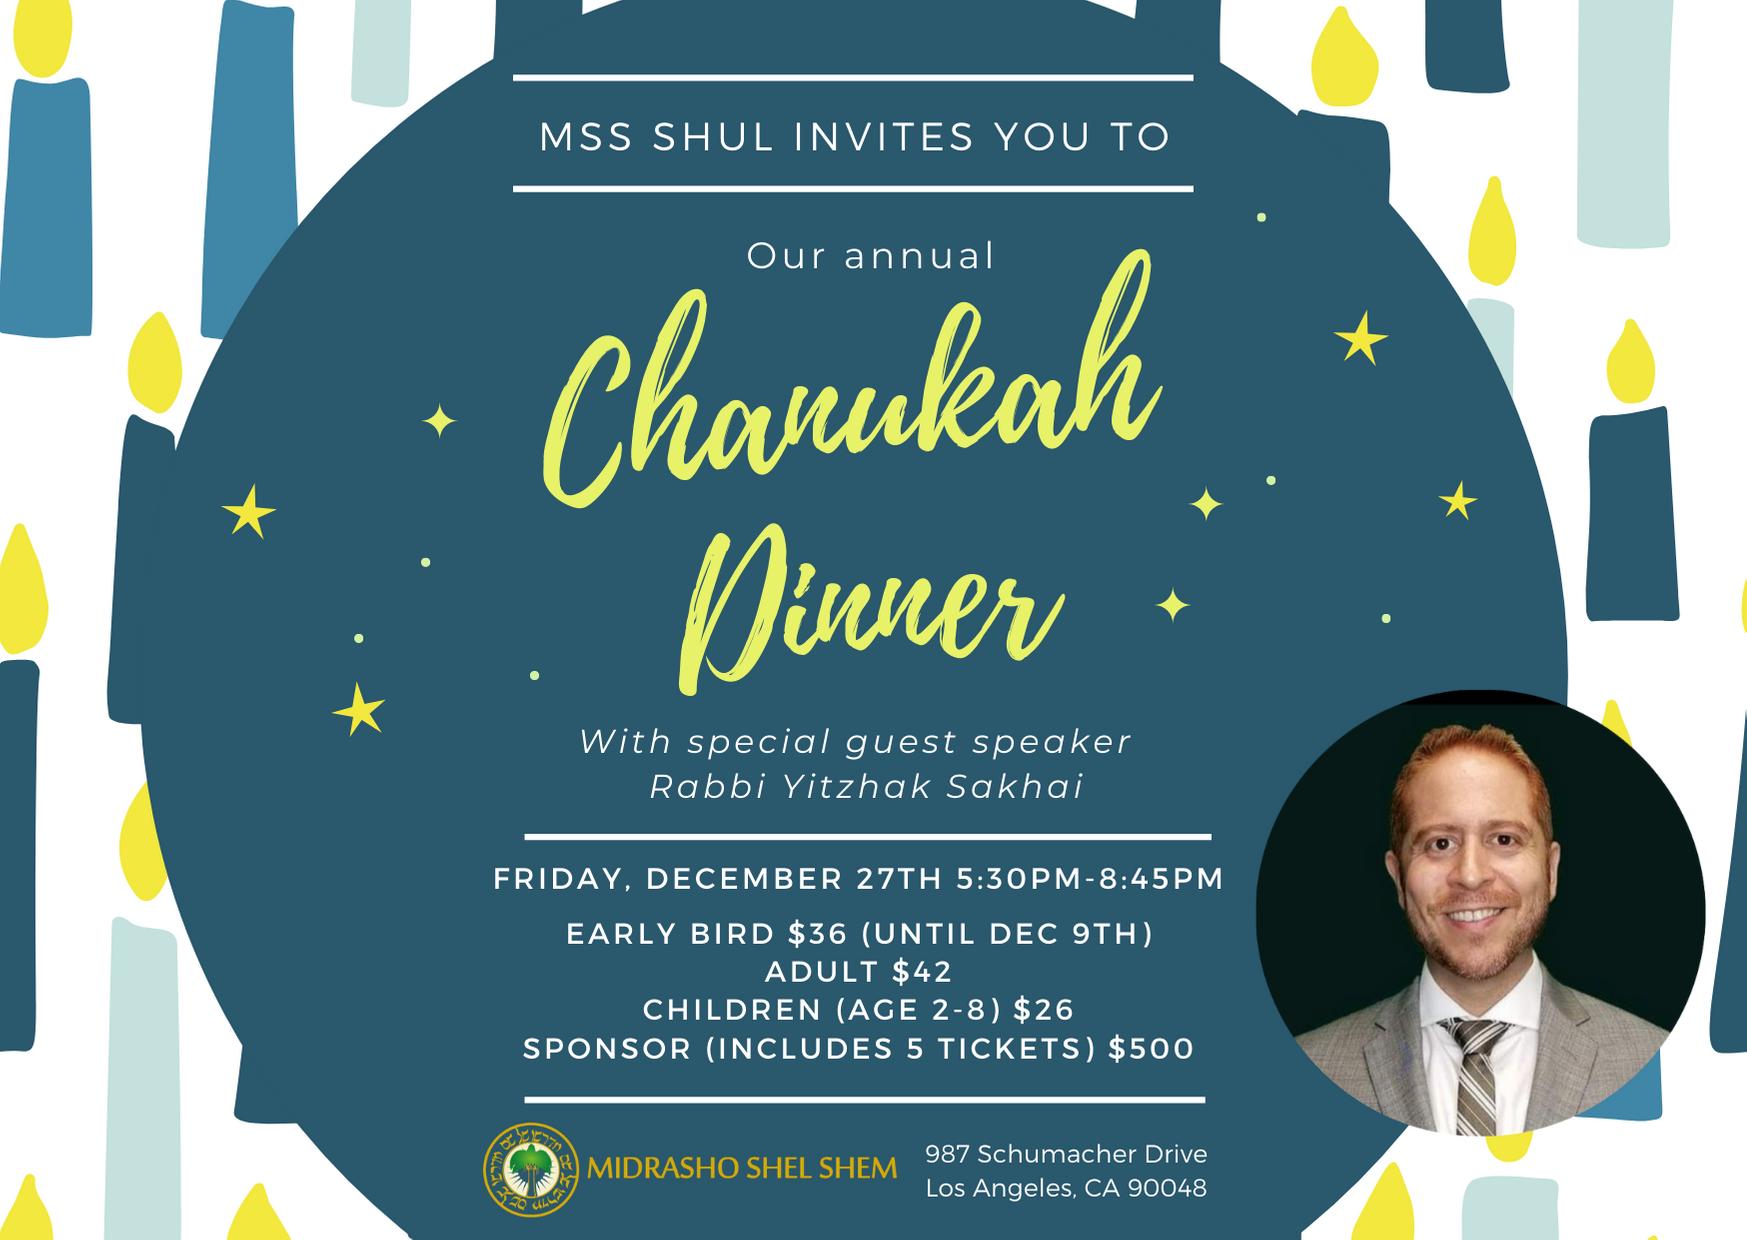 Banner Image for Annual Chanukah Dinner